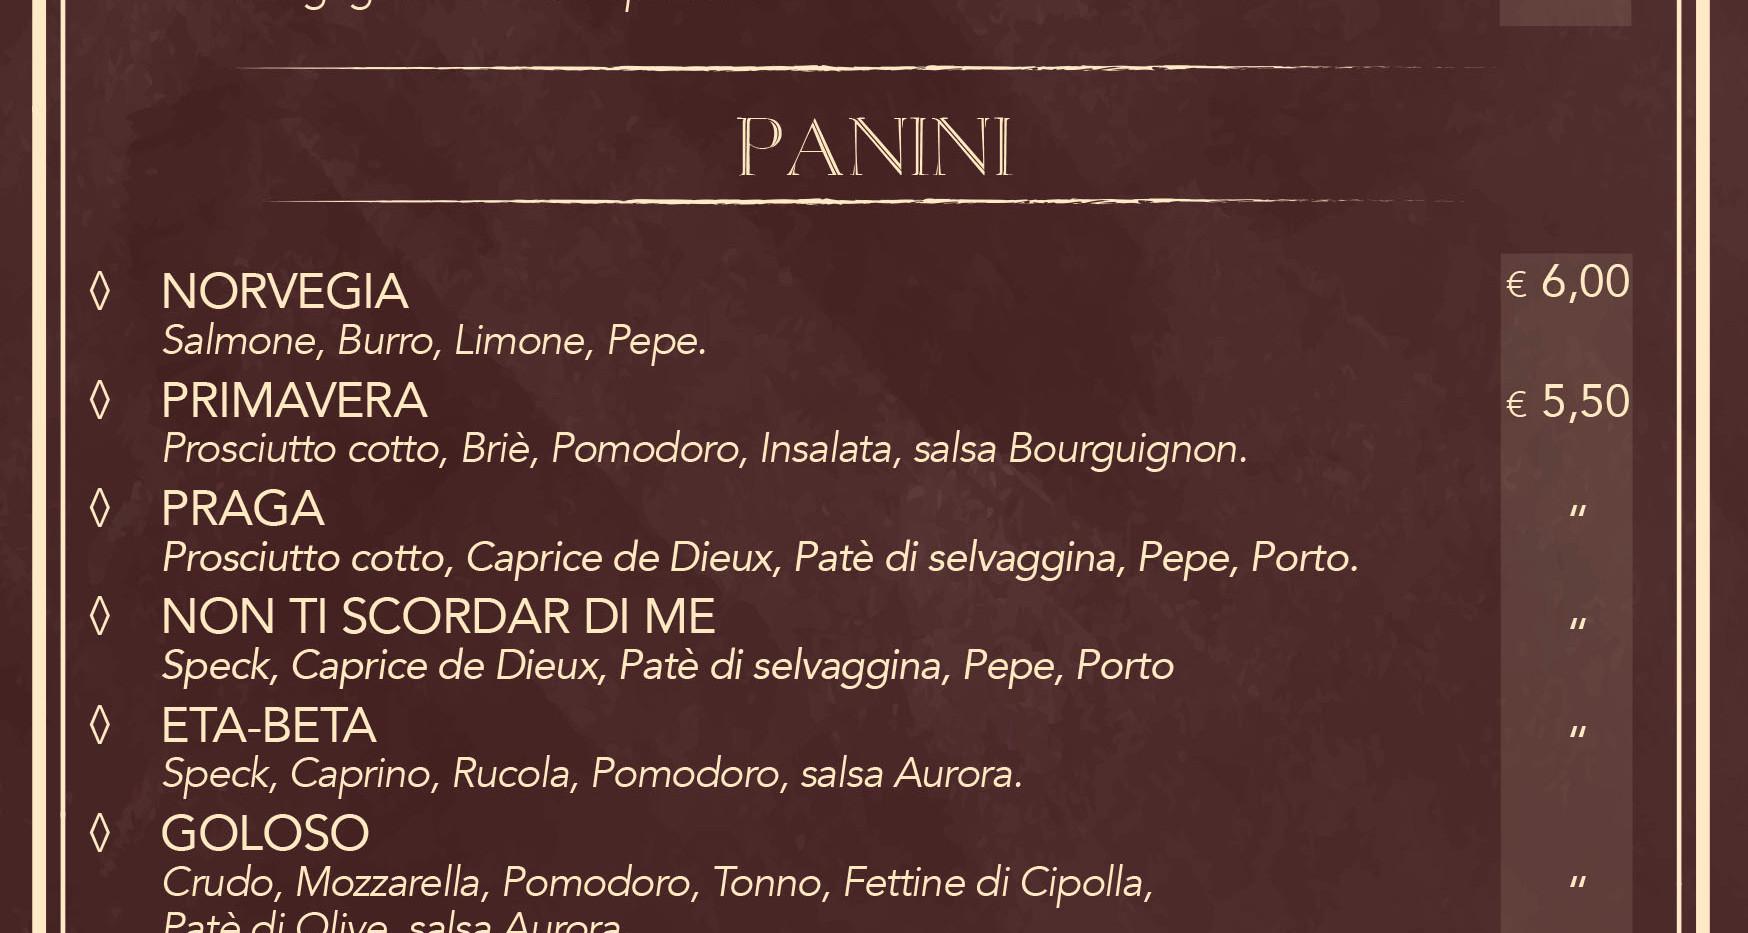 Cucina - Panini